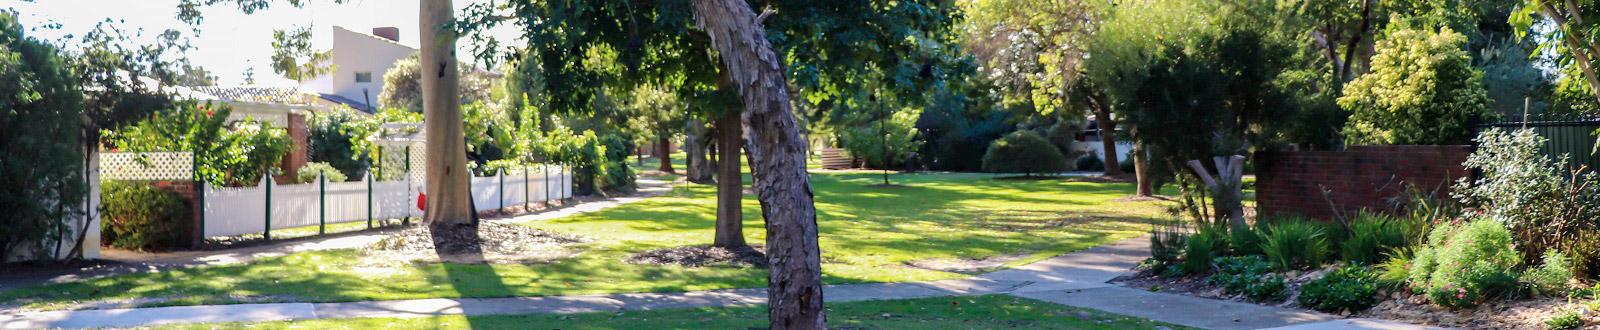 Crestwood Estate Gardens